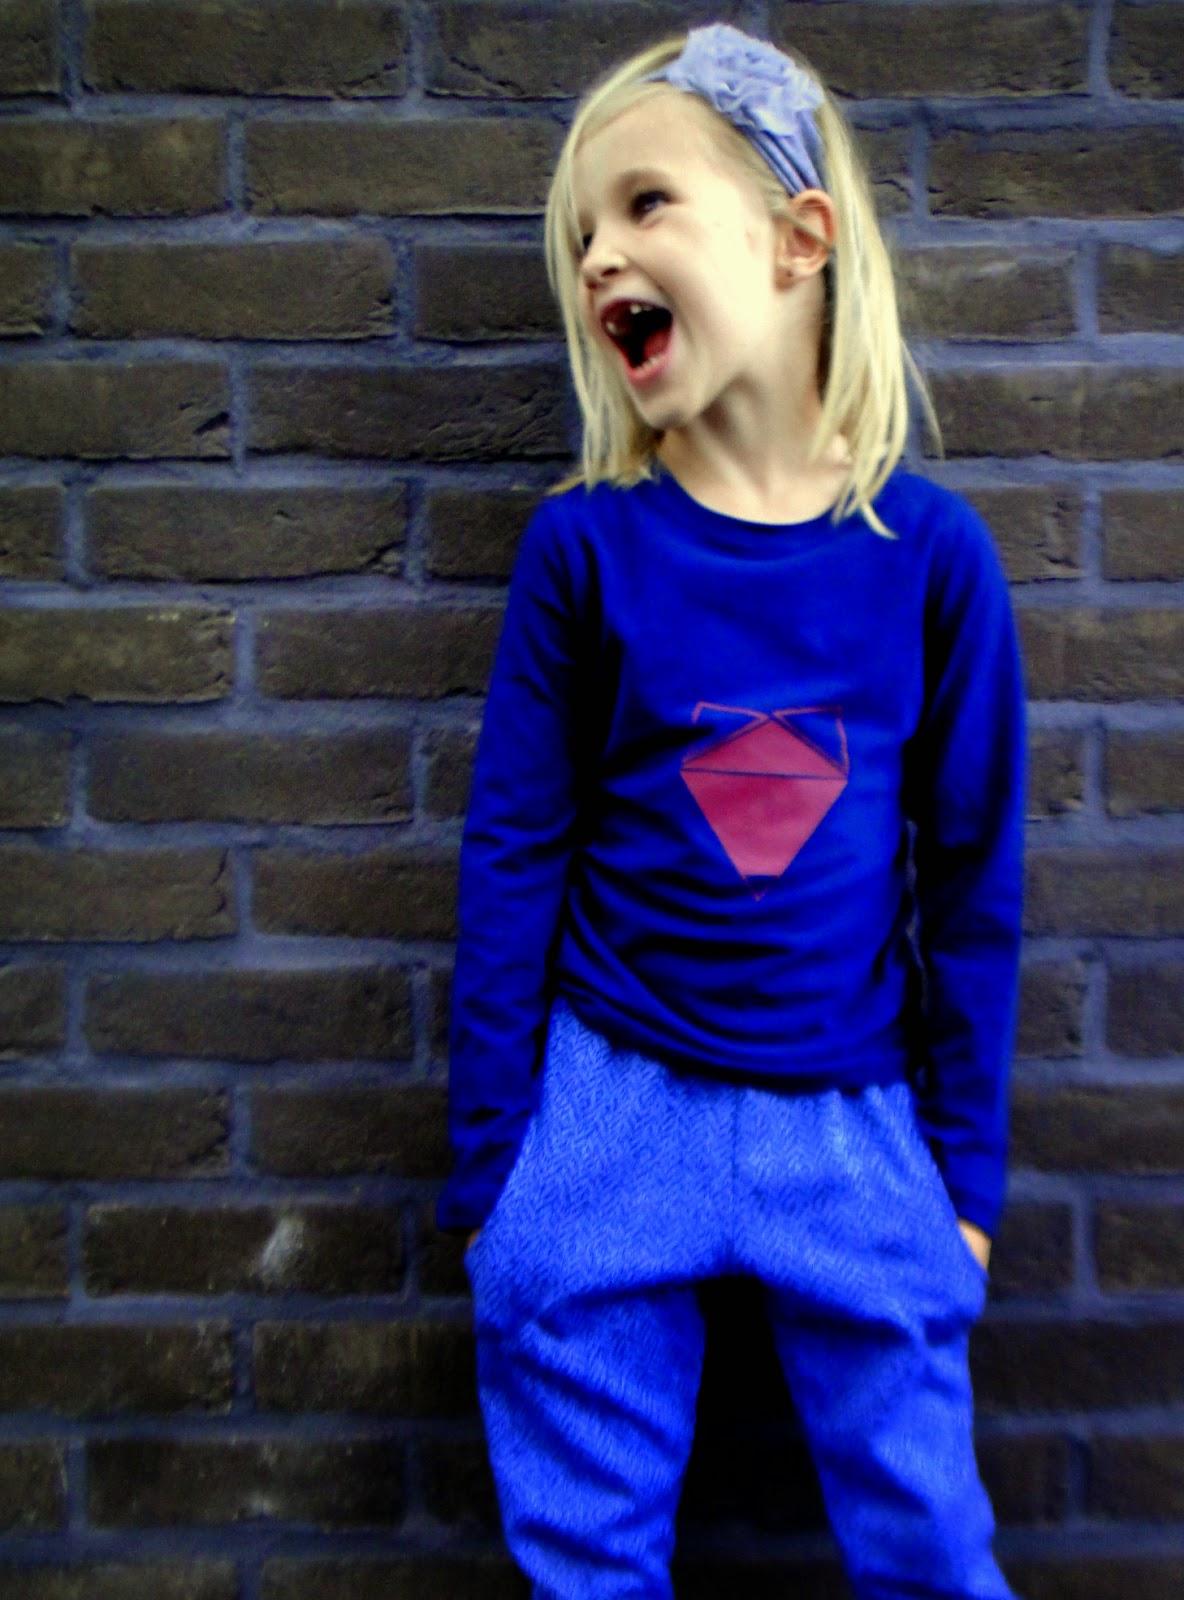 tricot broek meisje en shirt met textielverf